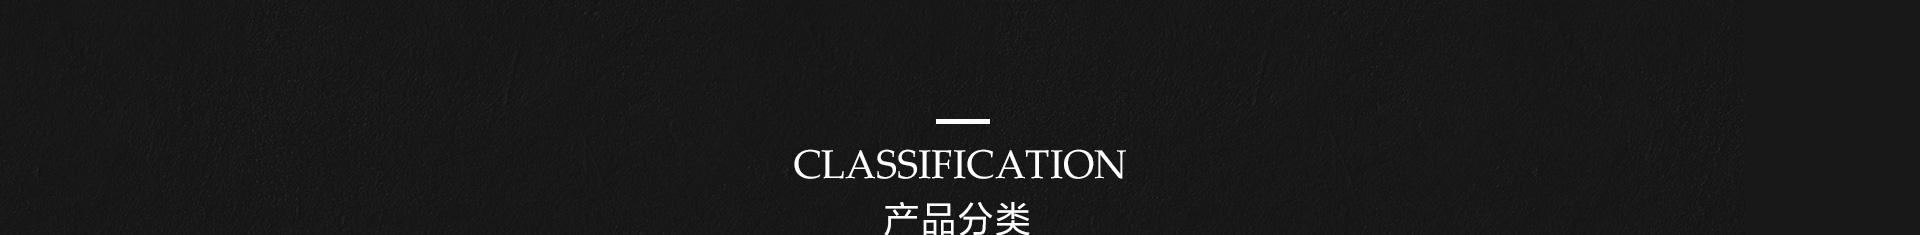 产品分类_01.jpg